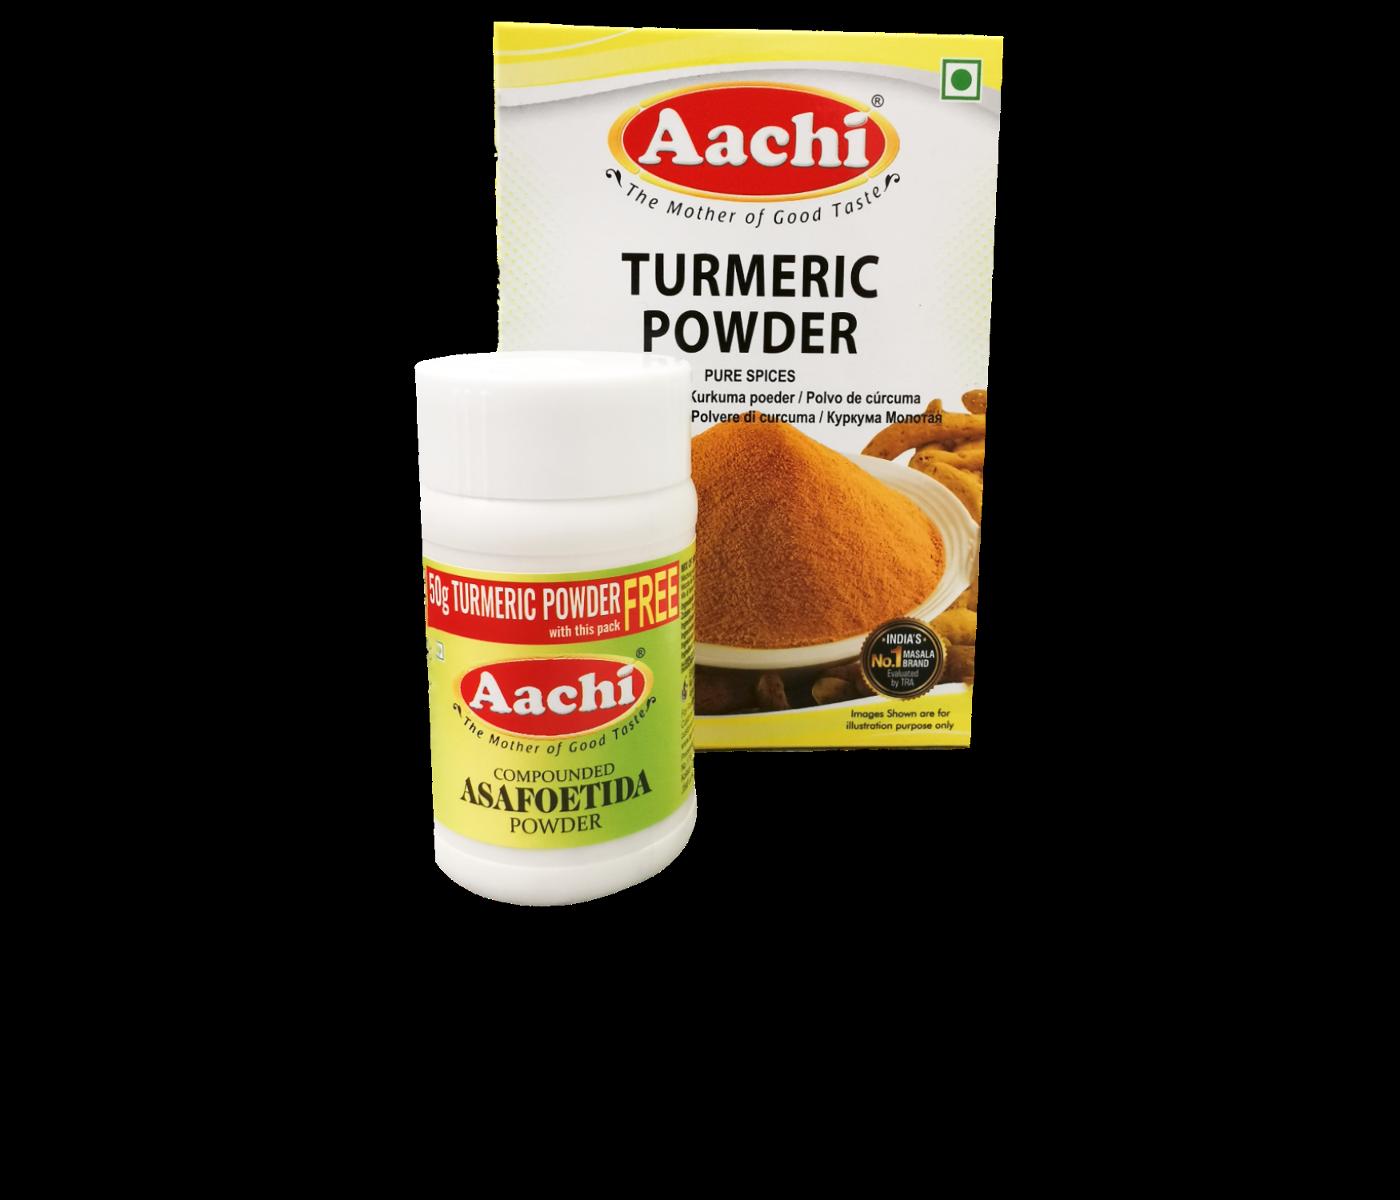 Aachi Asafoetida Powder